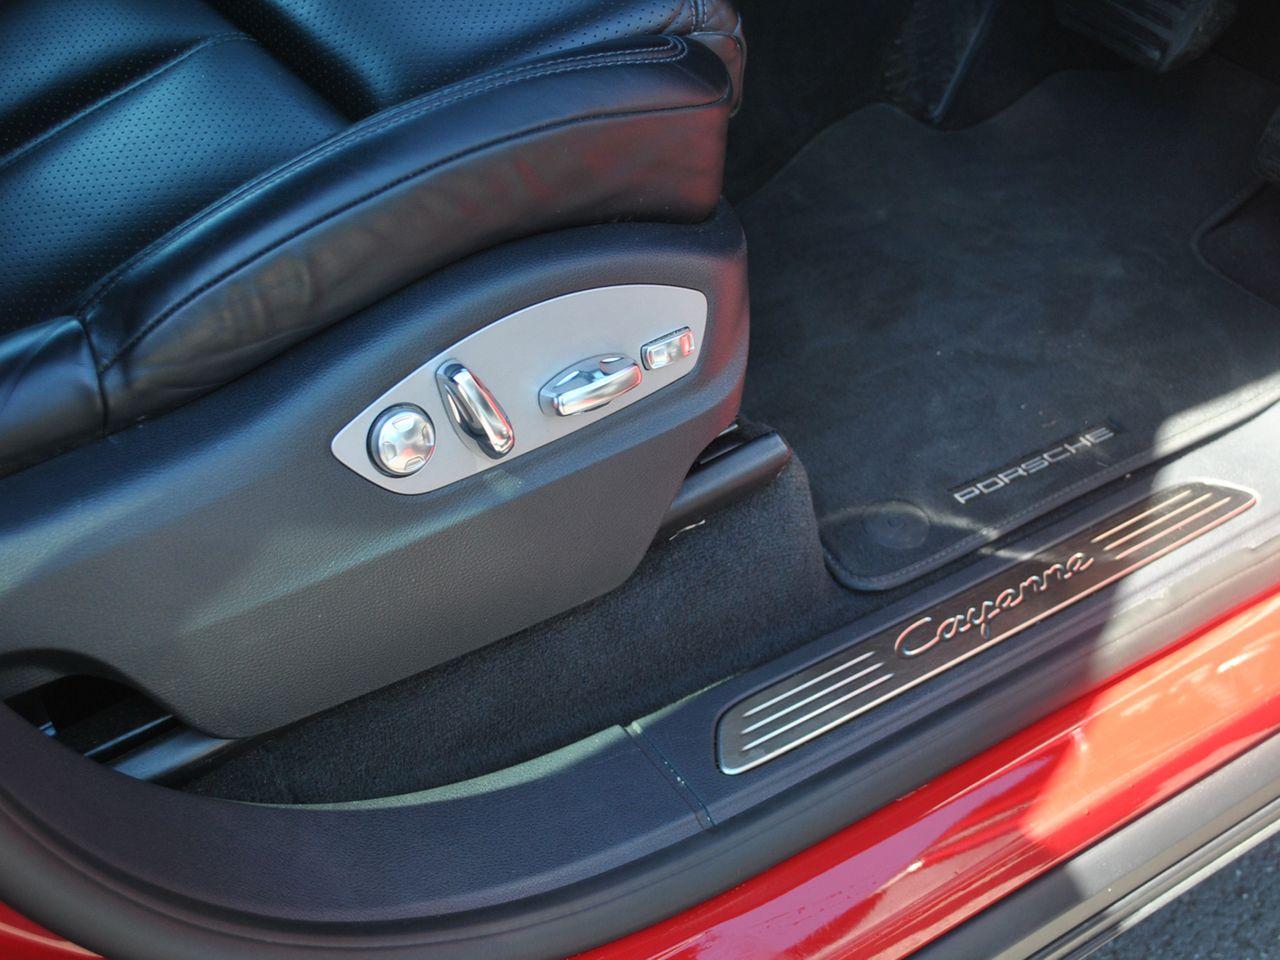 Cayenne D V6 TIPTRONIC S (23) image 12